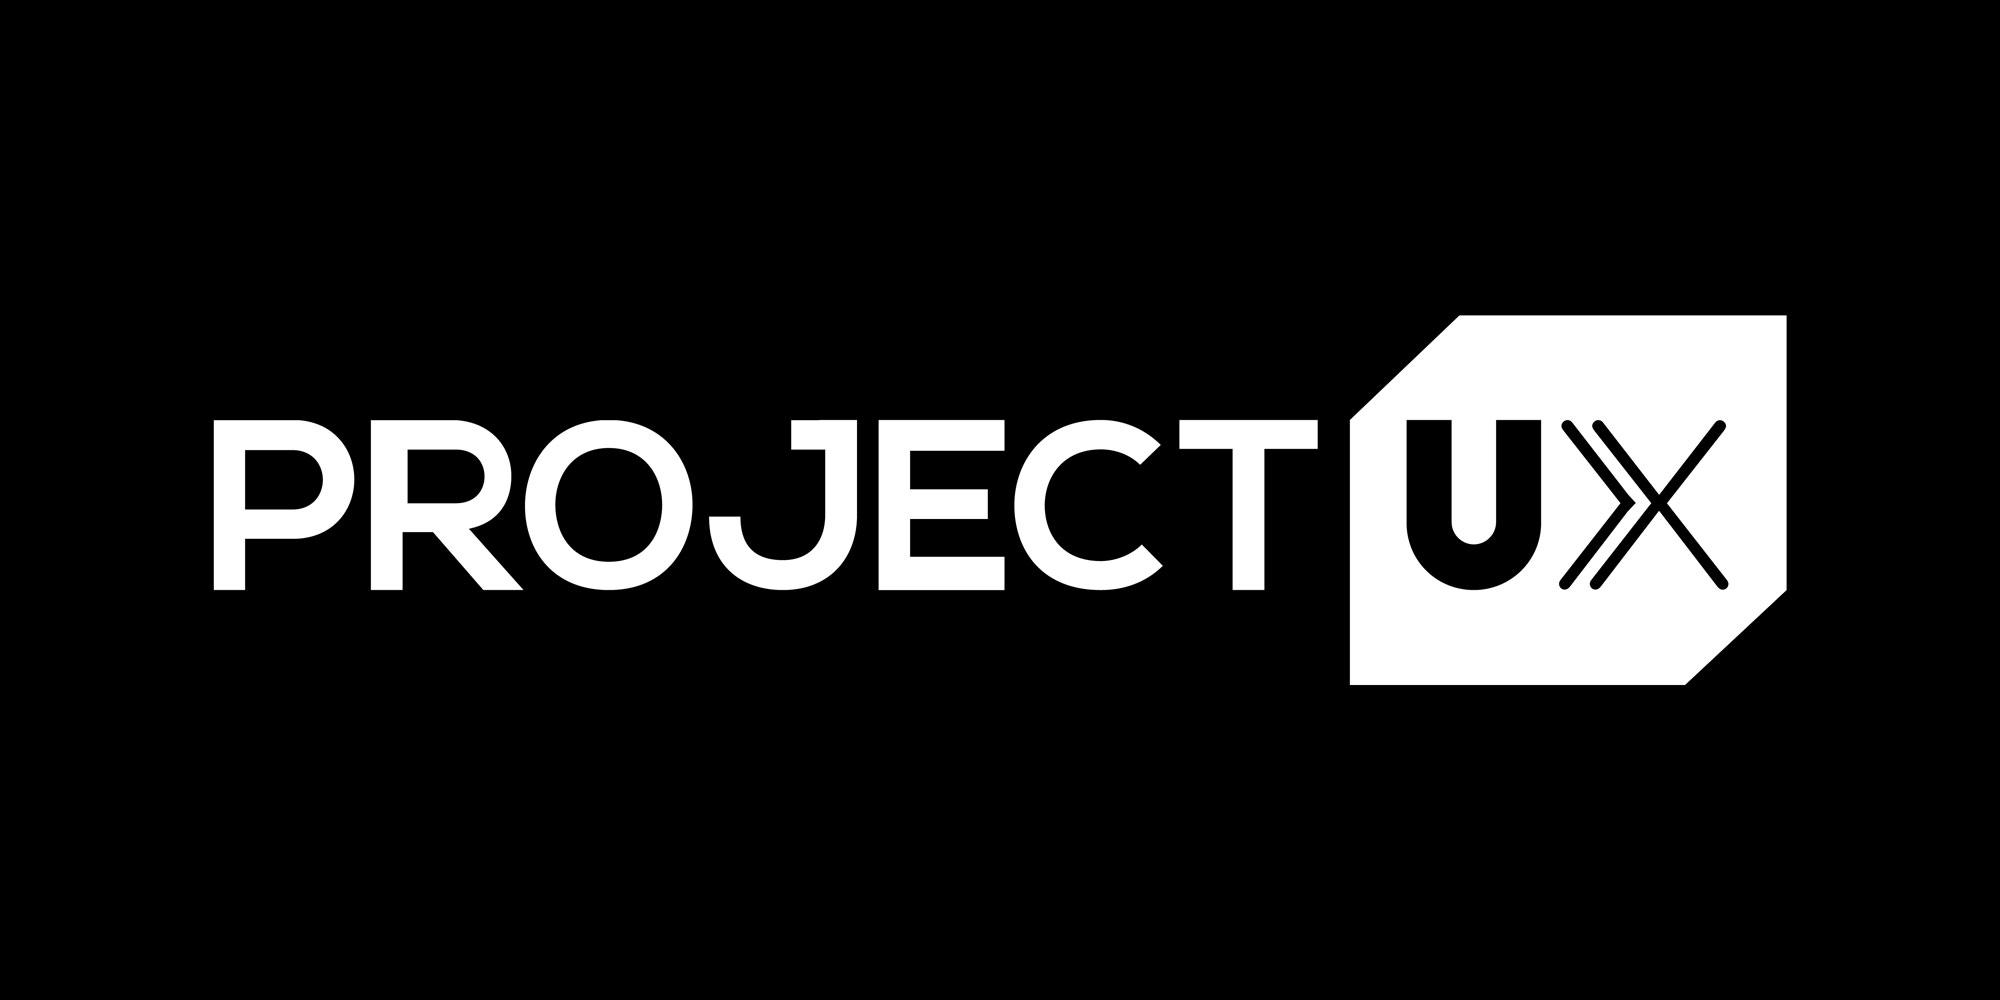 projectux.jpg